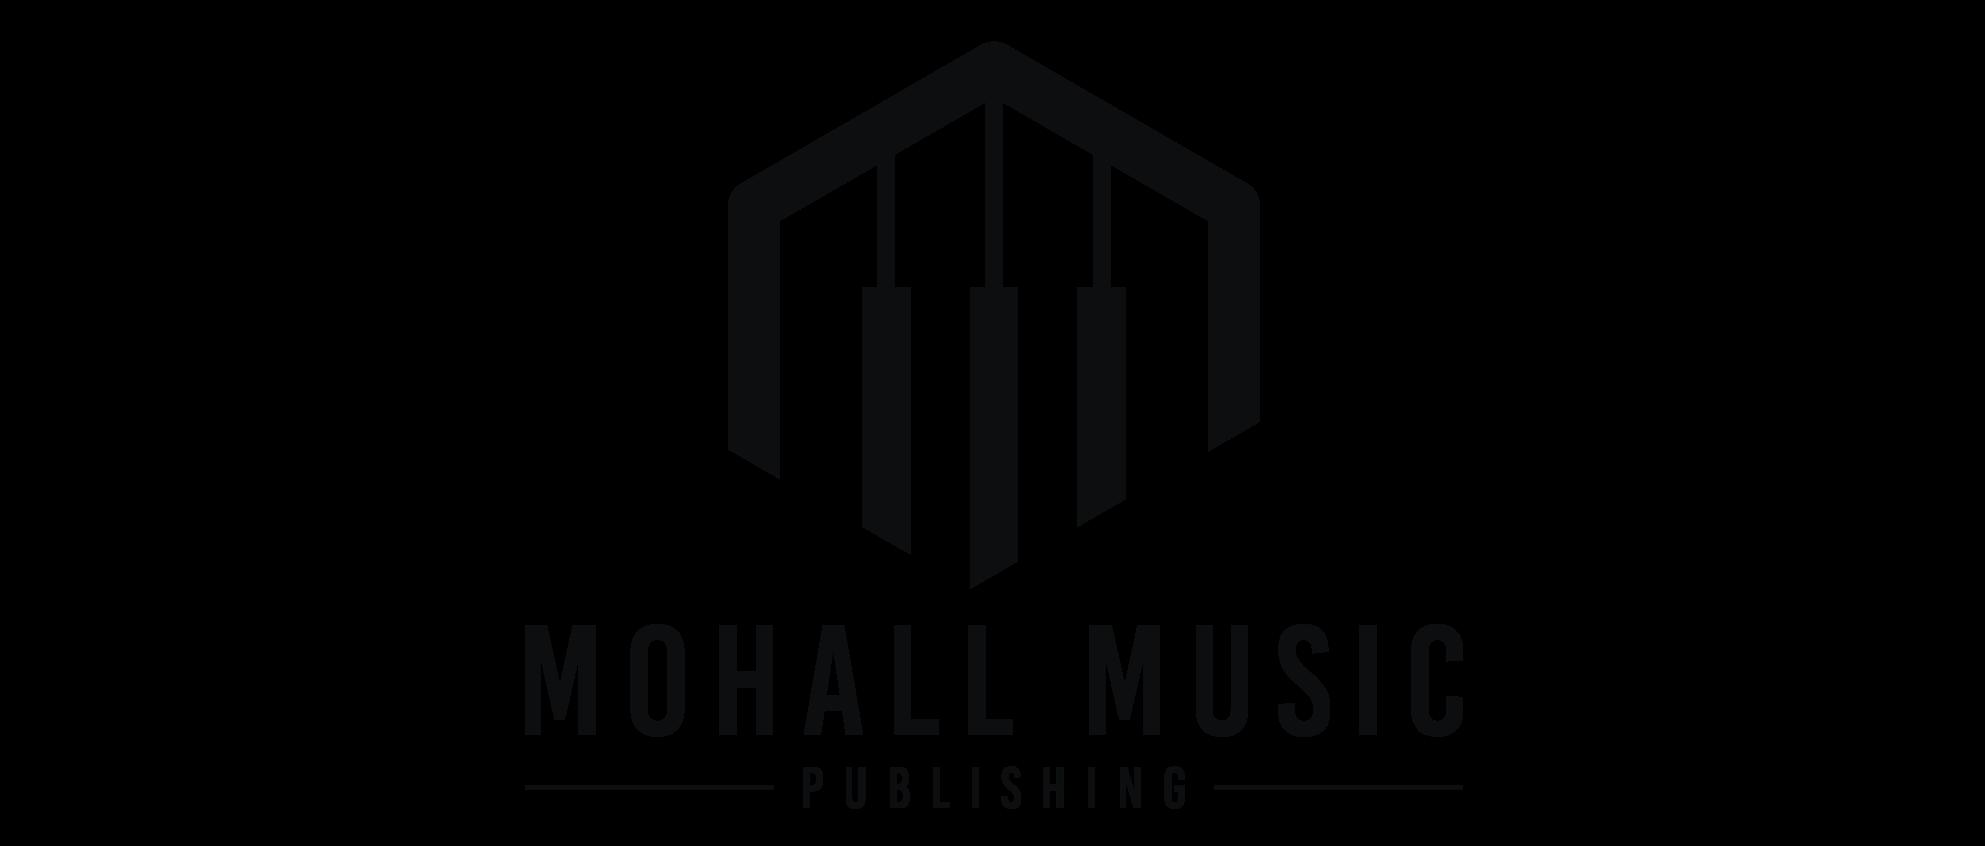 Mohall Publishing